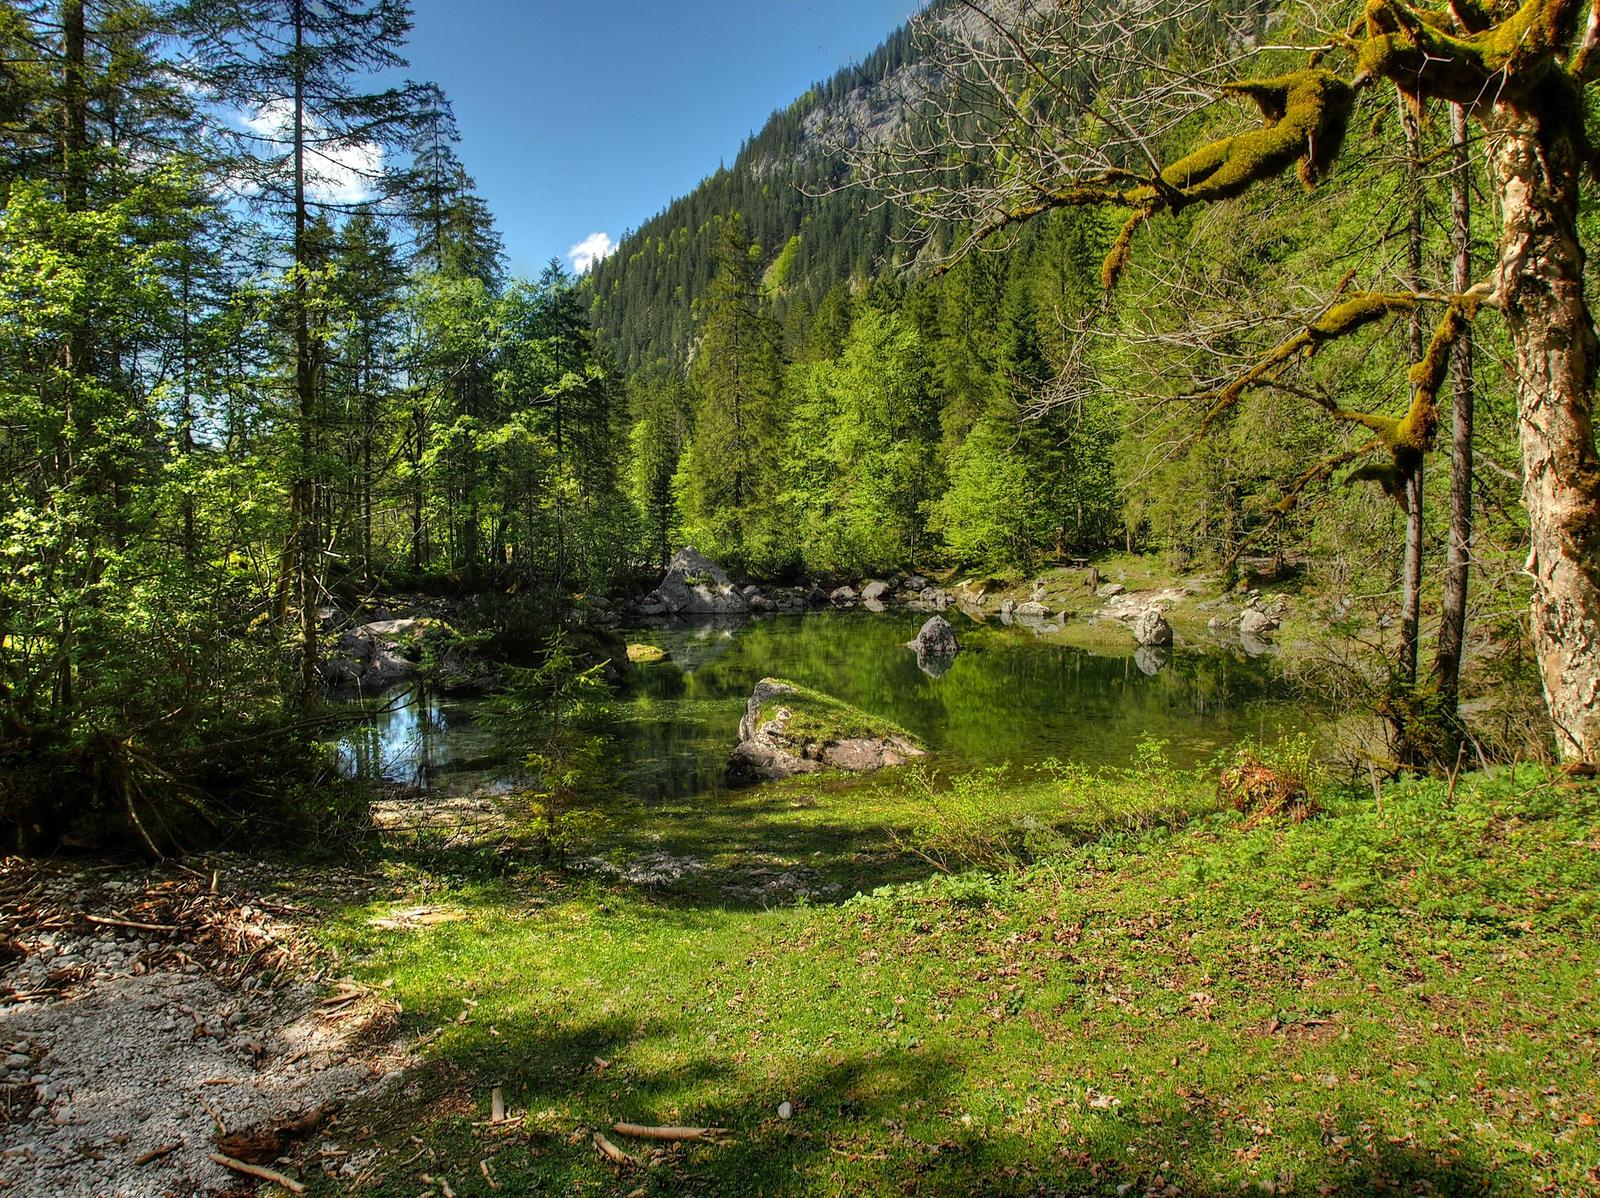 Background With Pond by Burtn